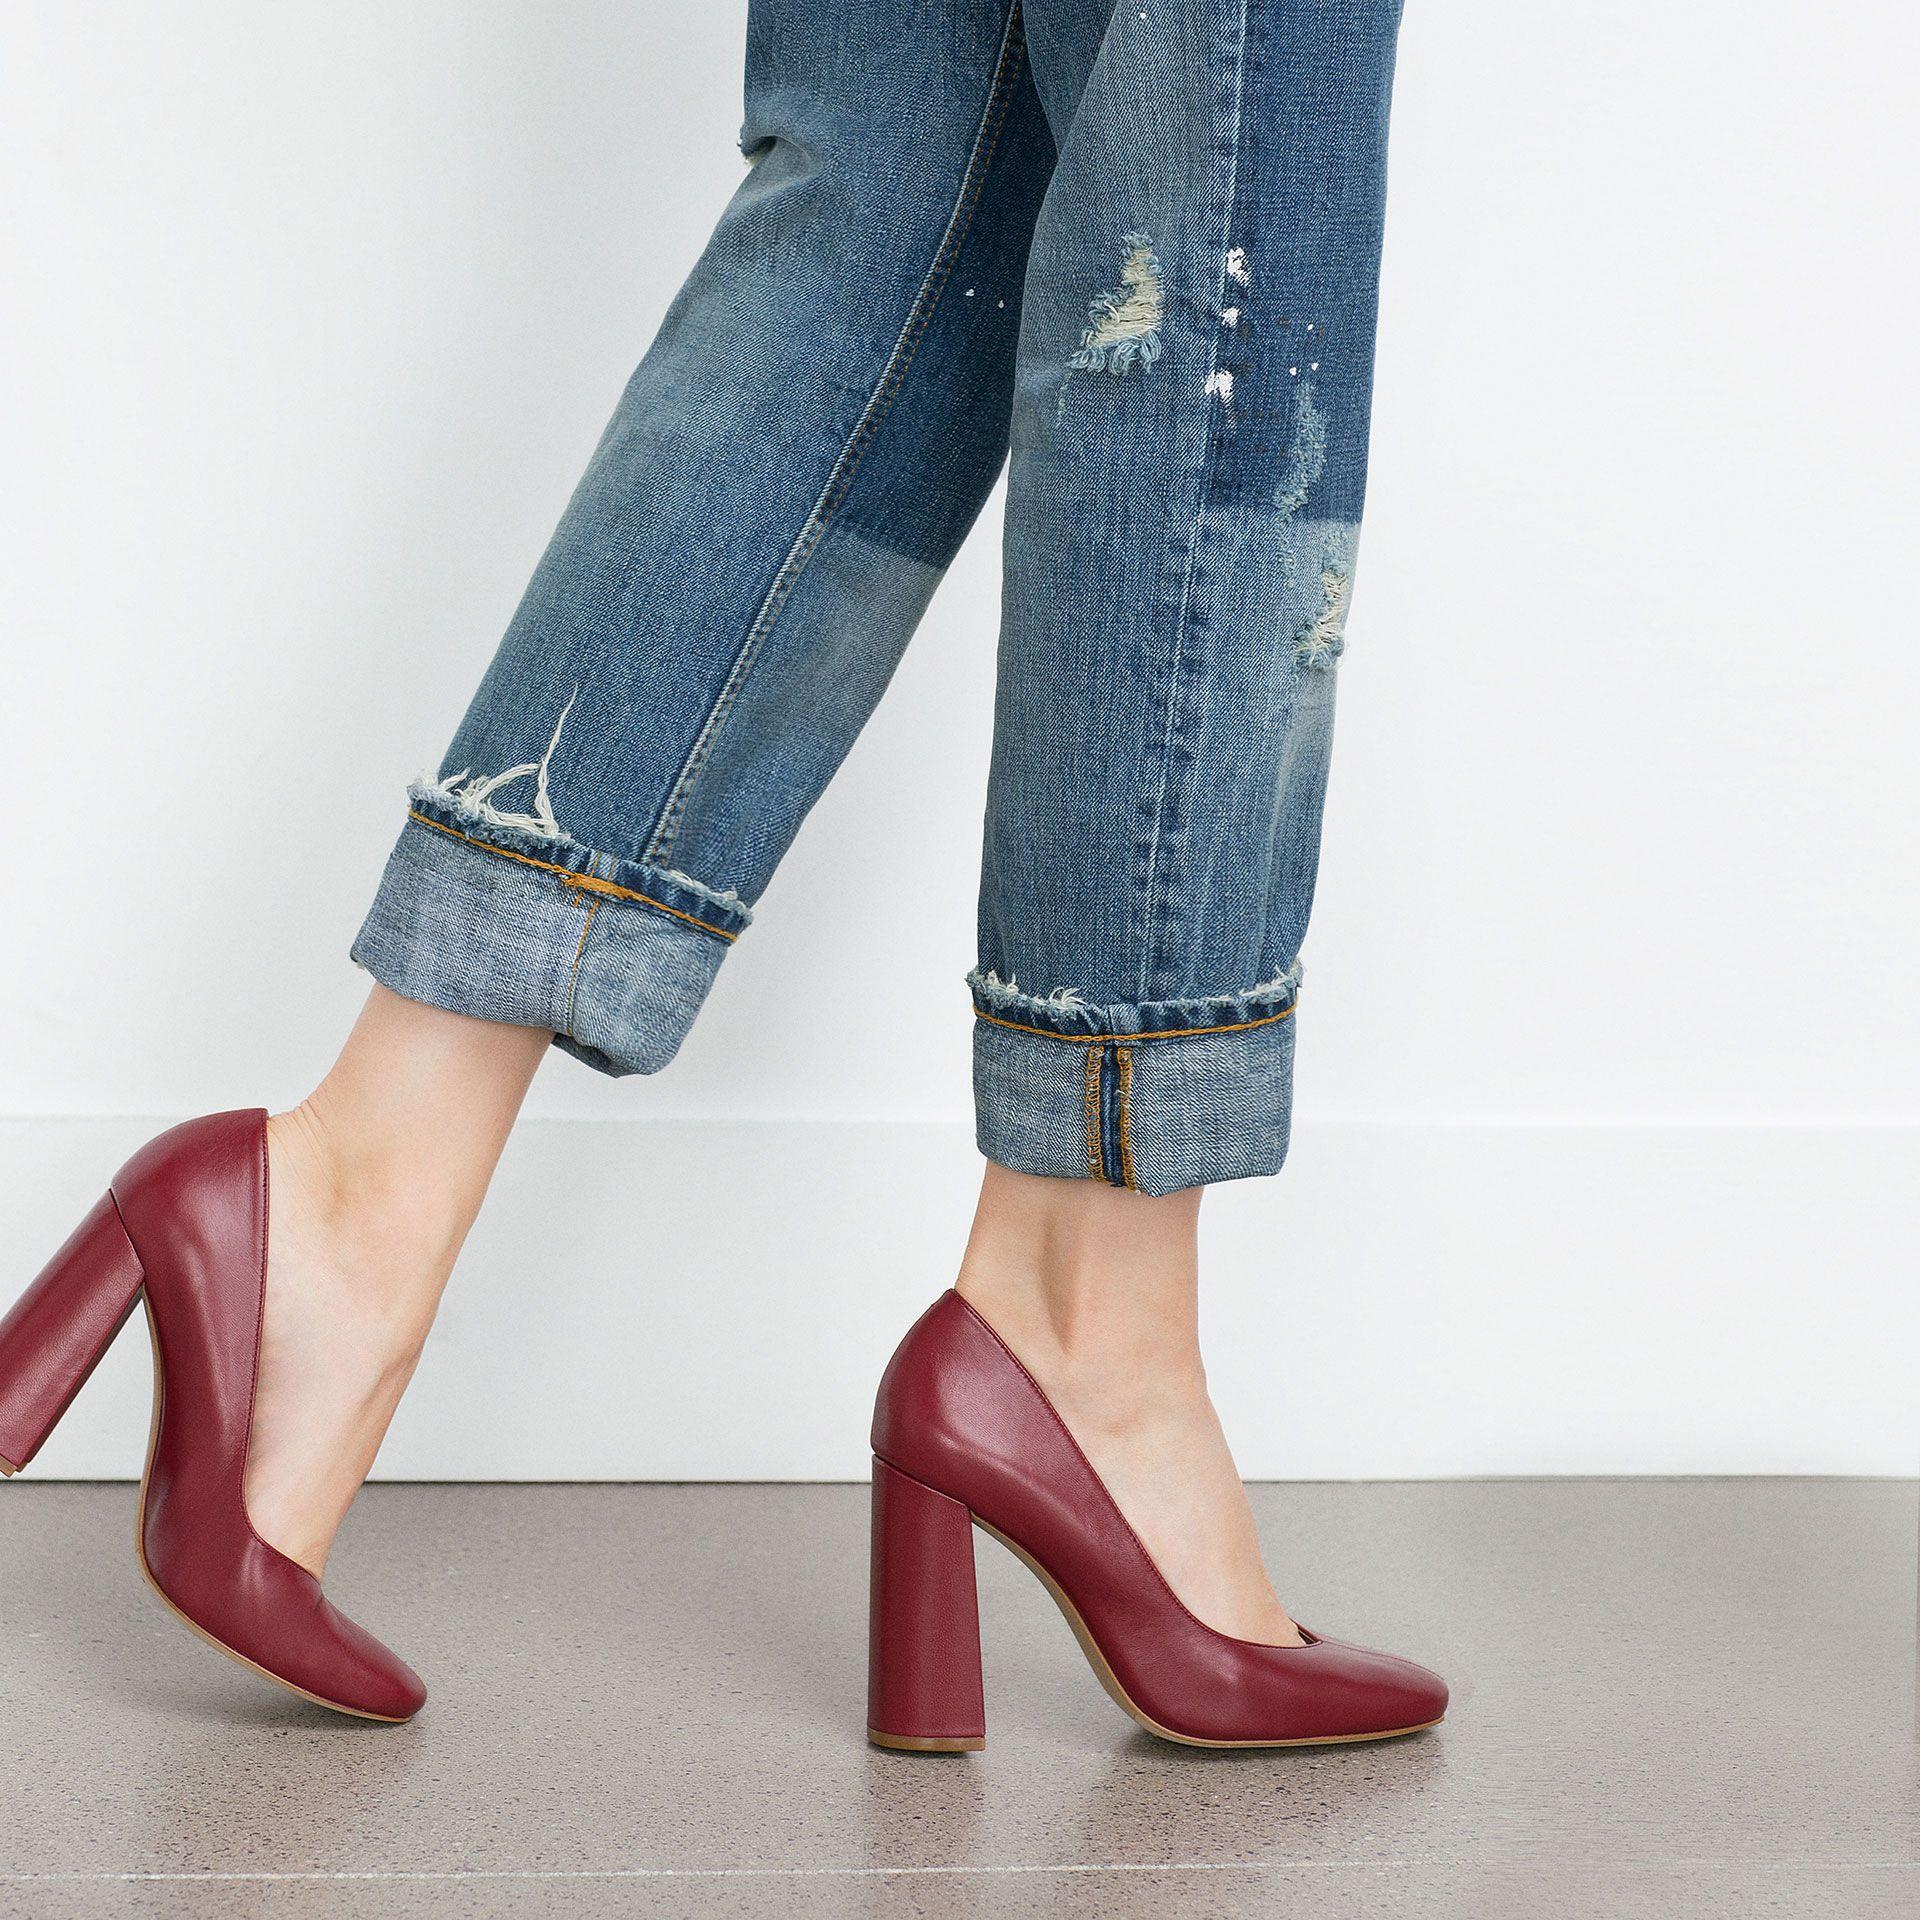 NEW Zara Woman High Heel Cute